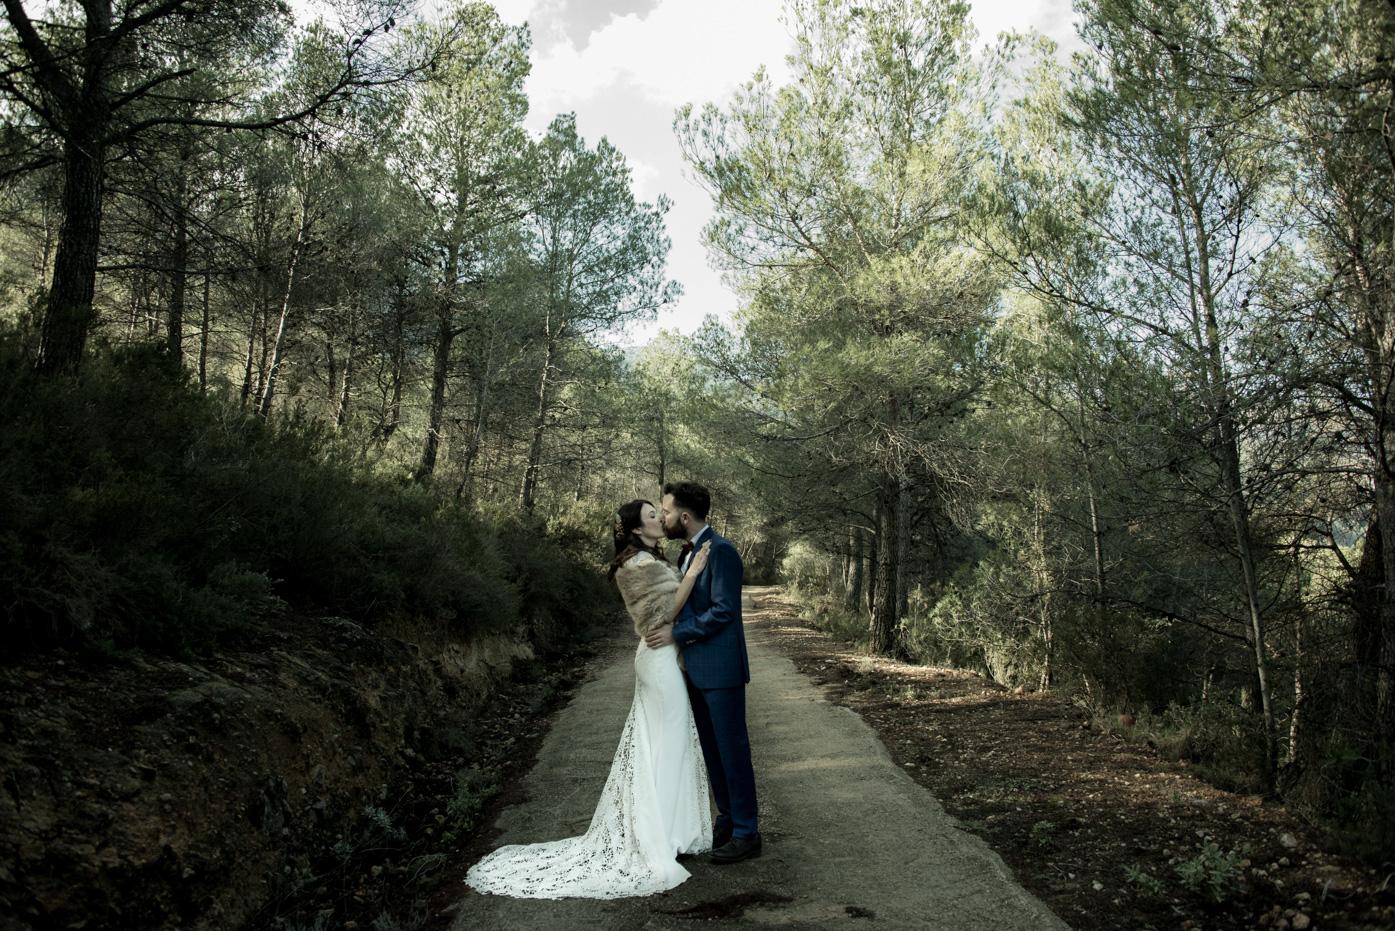 Postboda - Fotógrafos de postboda Madrid y España.